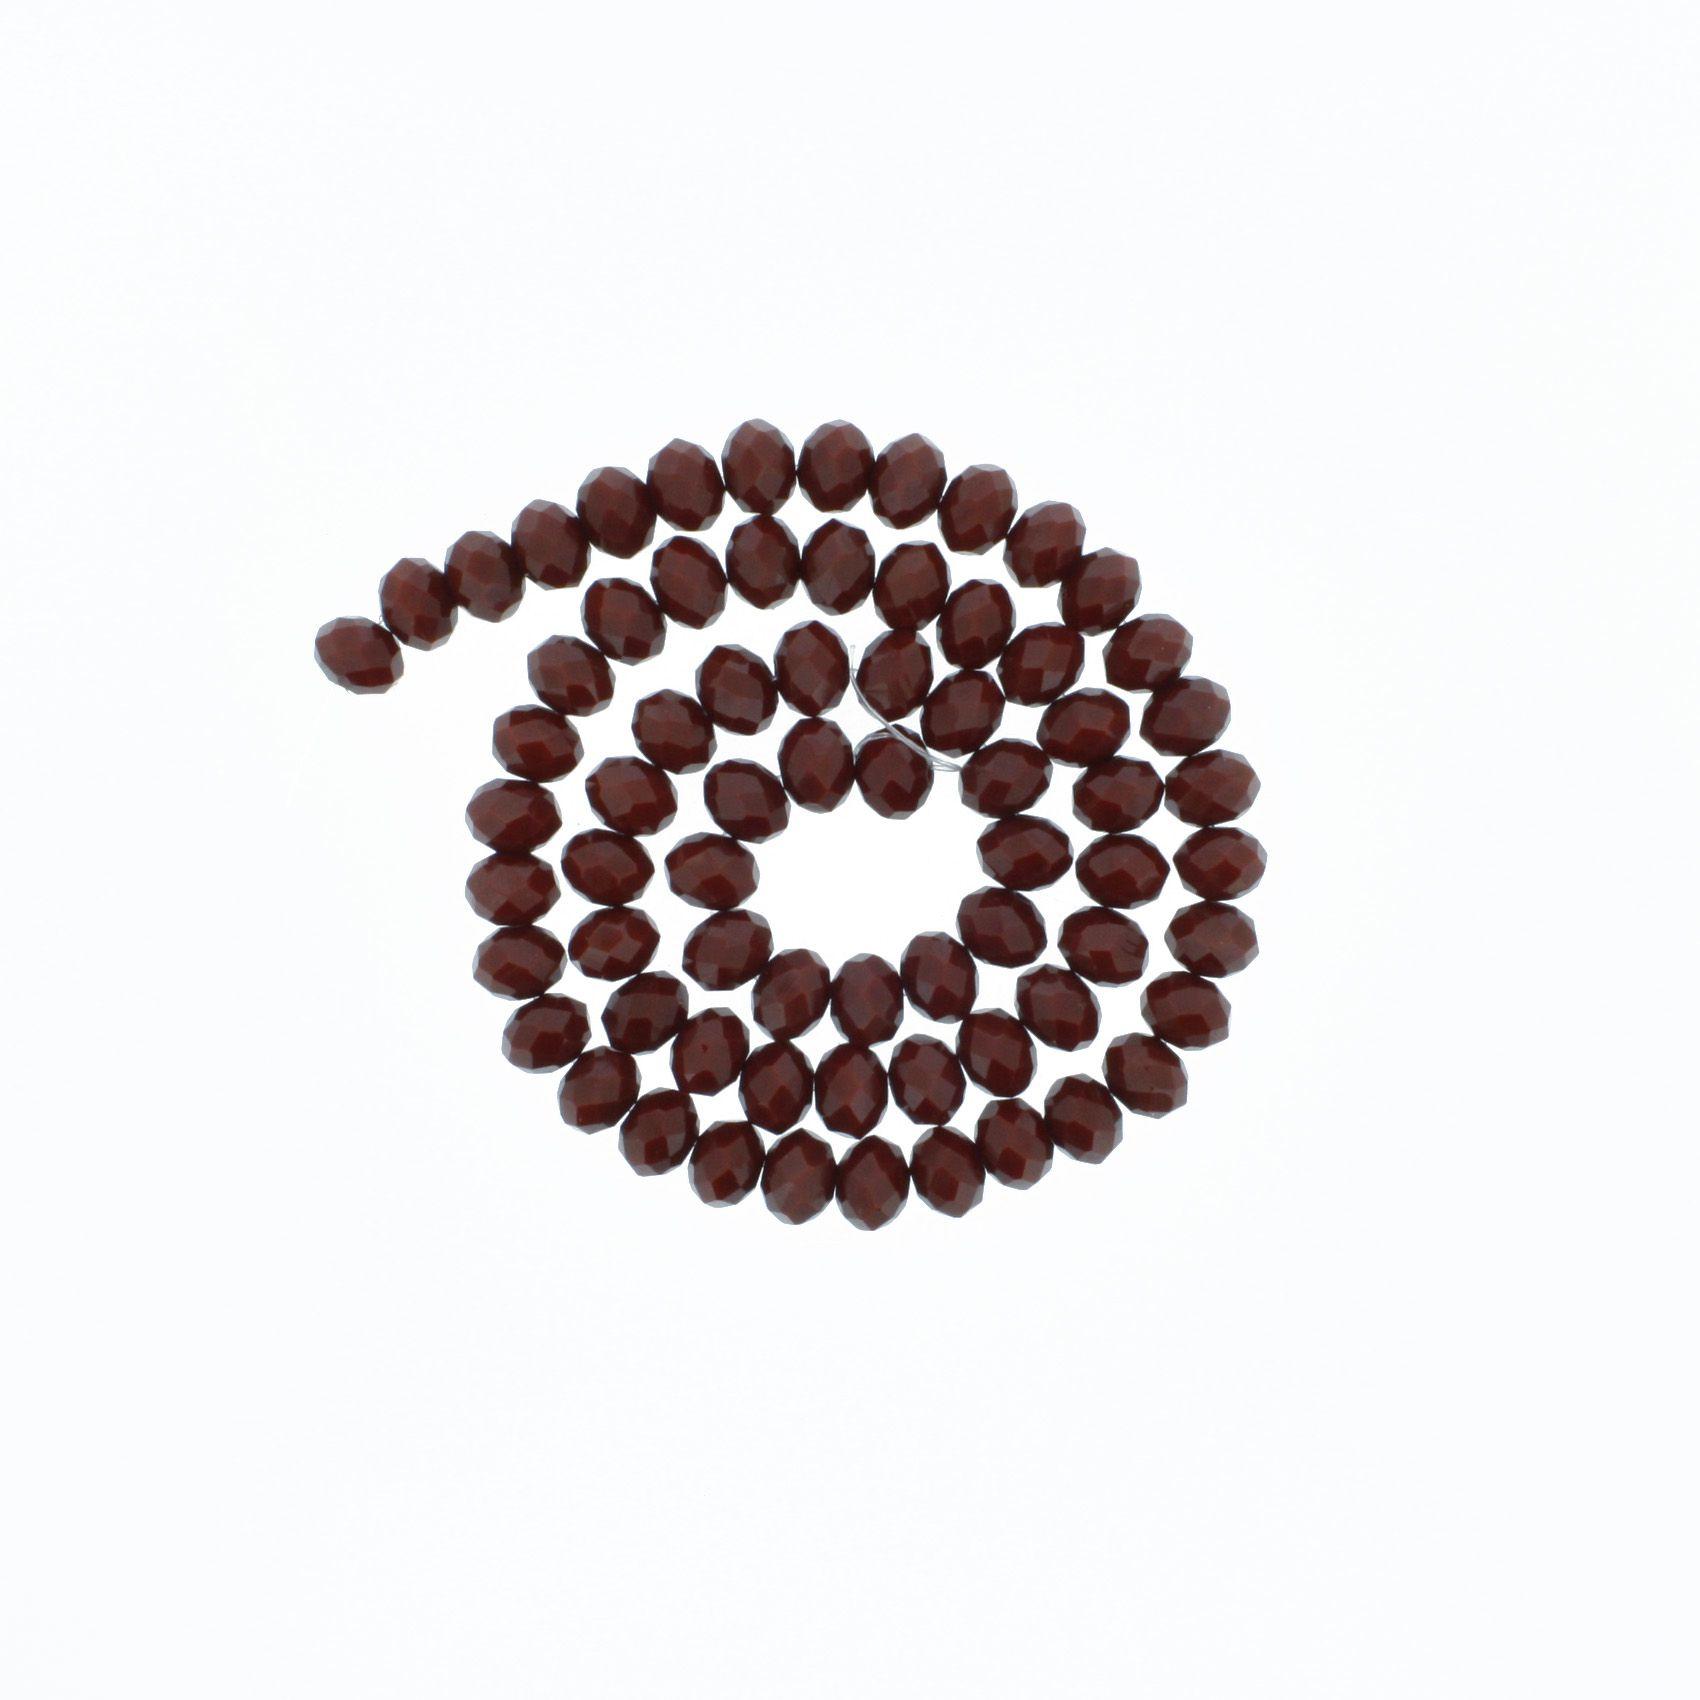 Fio de Cristal - Flat® - Vermelho Escuro - 8mm  - Stéphanie Bijoux® - Peças para Bijuterias e Artesanato